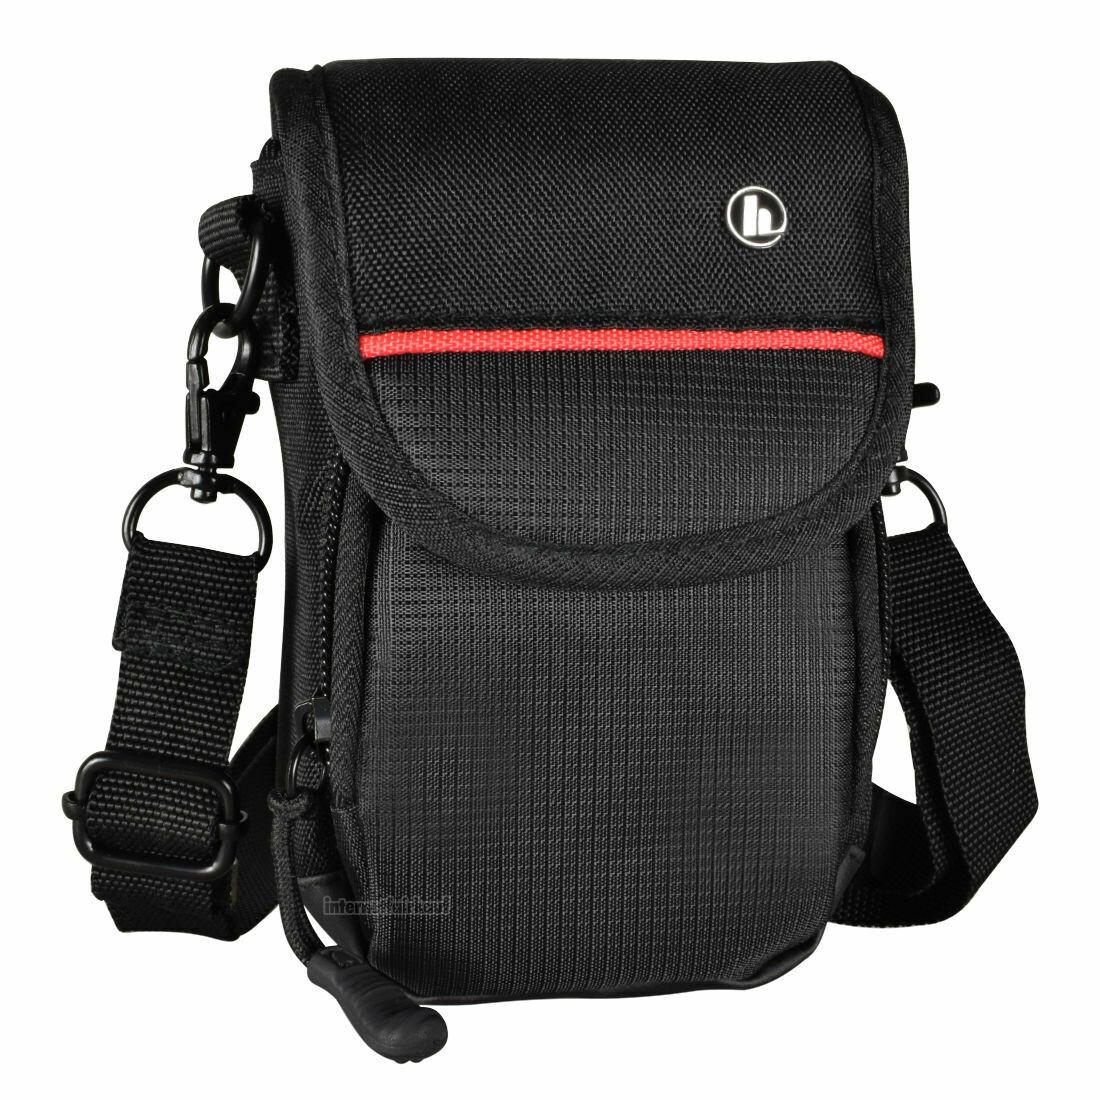 Hama Kamera-Tasche Foto-Tasche passend für Rollei Powerflex 850